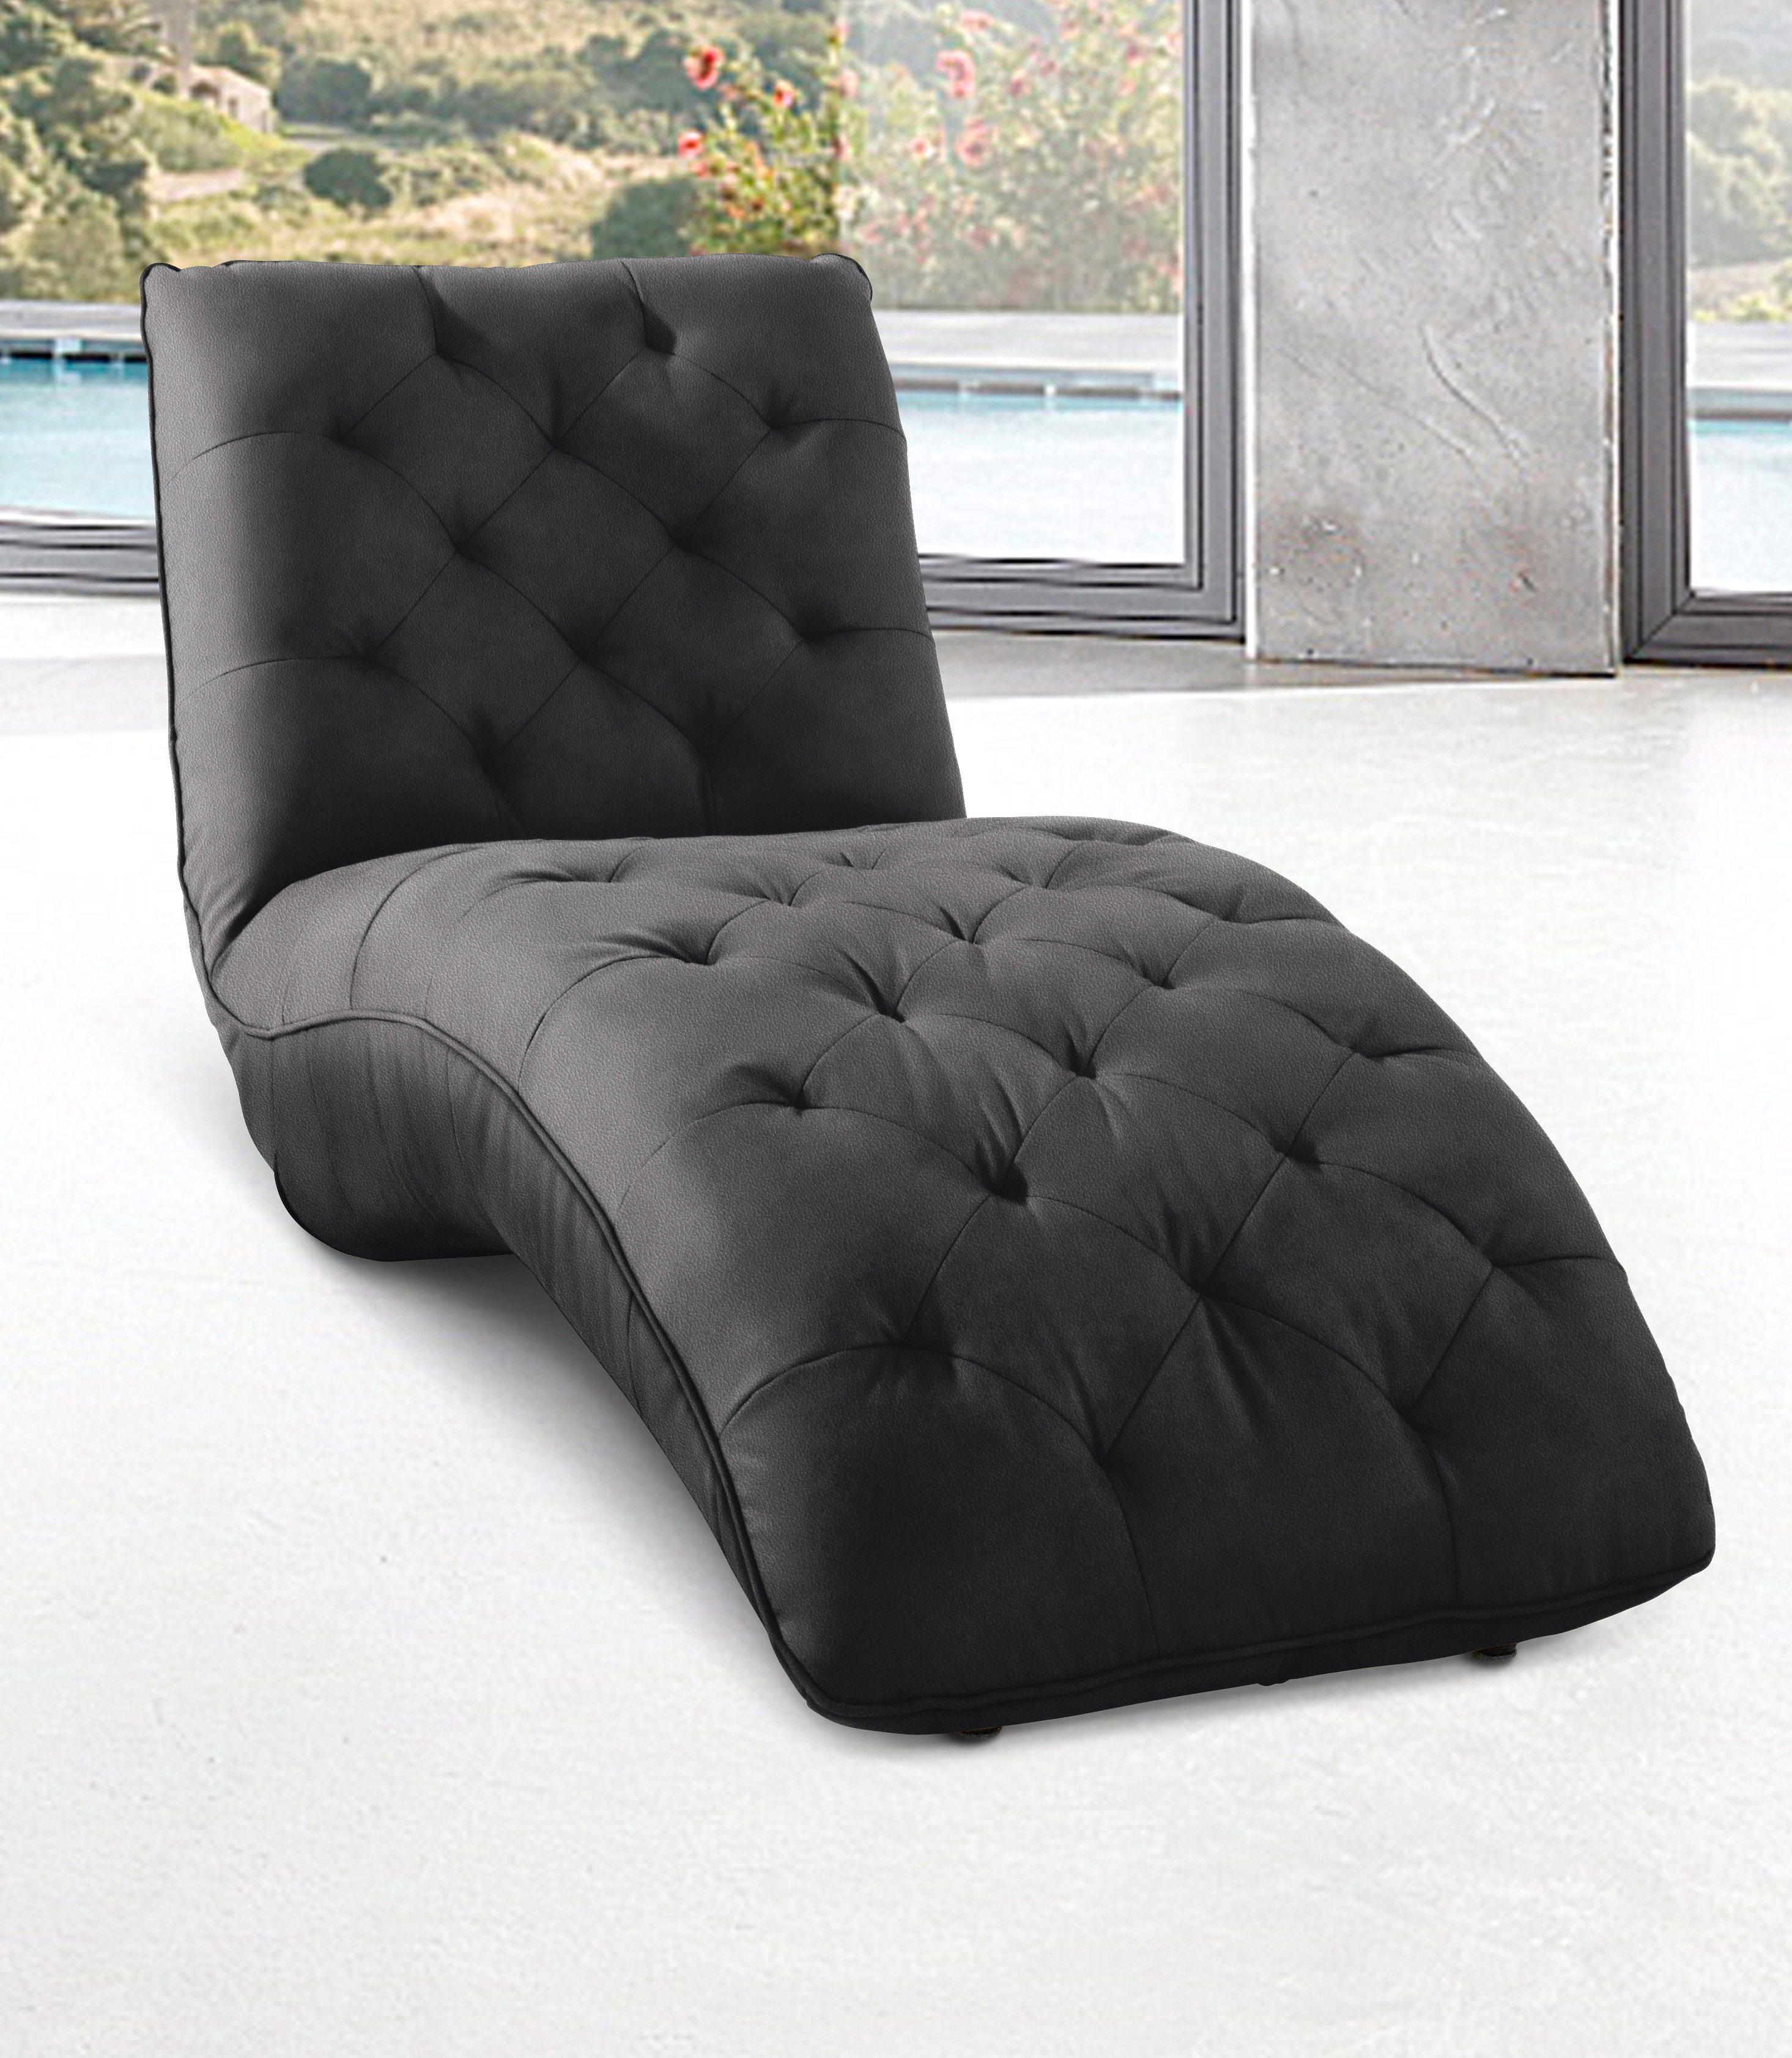 INOSIGN Relaxliege in Retro Optik | Wohnzimmer > Sessel > Relaxliegen | Kunstleder - Microfaser | INOSIGN